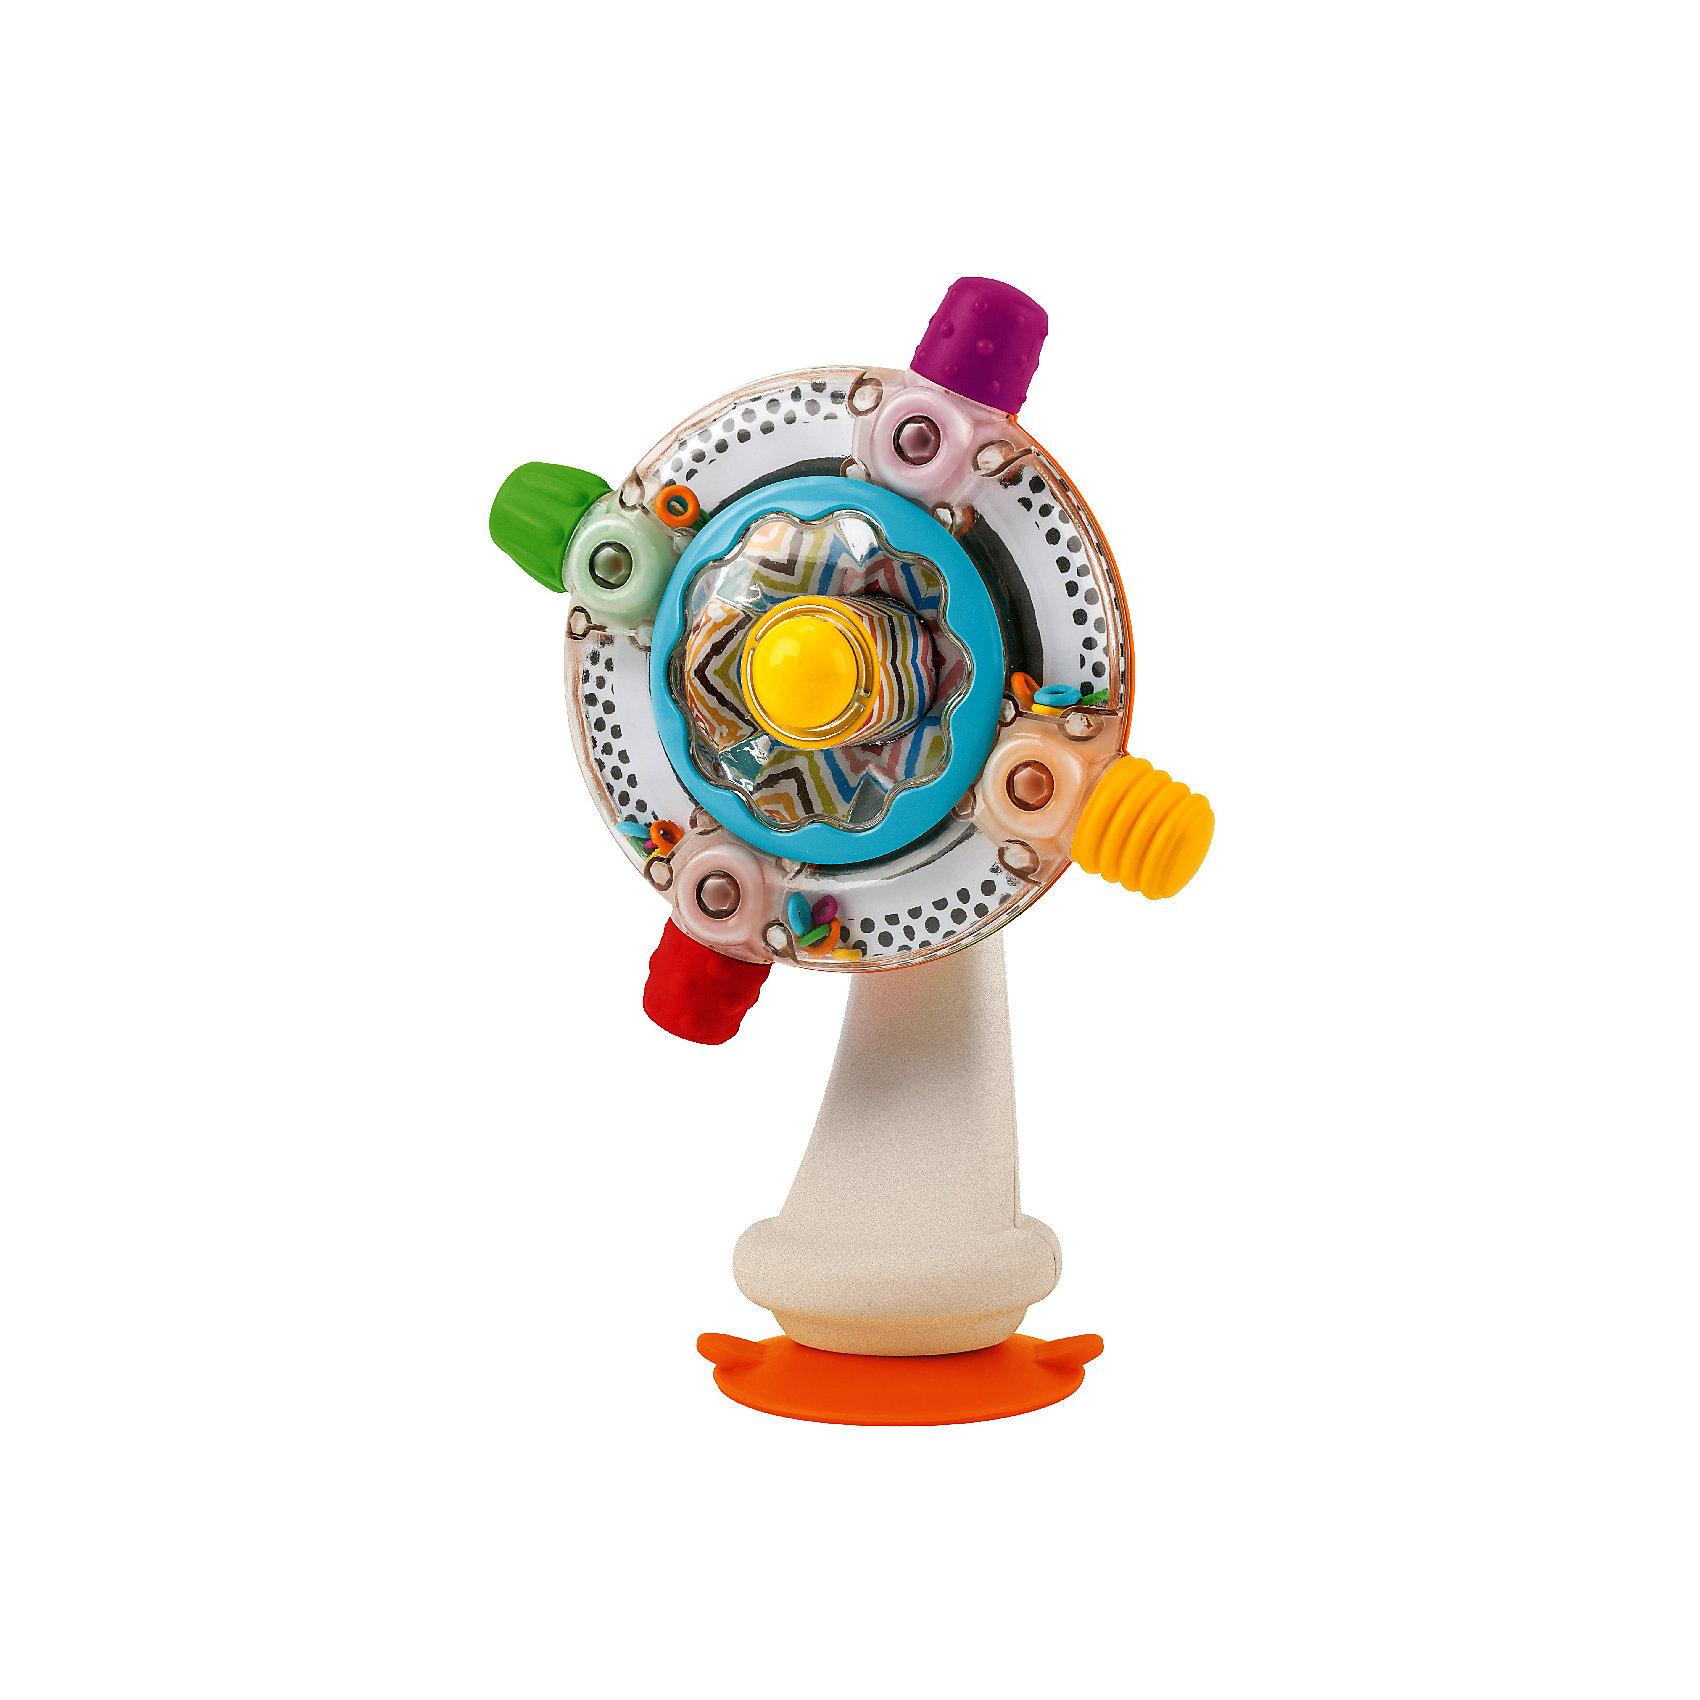 Игрушка  на присоске Sensory, BKidsИнтерактивные игрушки для малышей<br>Помогать развивать способности ребенка можно с самого раннего возраста. Делая это в игре, малыш всесторонне изучает мир и осваивает новые навыки. Эта игрушка представляет собой симпатичный вентилятор на присоске.<br>Такие игрушки способствуют развитию мелкой моторики, воображения, цвето- и звуковосприятия, тактильных ощущений и обучению. Изделие разработано специально для самых маленьких. Сделано из материалов, безопасных для детей.<br><br>Дополнительная информация:<br><br>цвет: бело-серебристый;<br>звуковые эффекты;<br>возраст: с 6 мес.<br><br>Игрушку на присоске Sensory от бренда BKids можно купить в нашем интернет-магазине.<br><br>Ширина мм: 84<br>Глубина мм: 84<br>Высота мм: 203<br>Вес г: 300<br>Возраст от месяцев: 6<br>Возраст до месяцев: 36<br>Пол: Унисекс<br>Возраст: Детский<br>SKU: 5055385